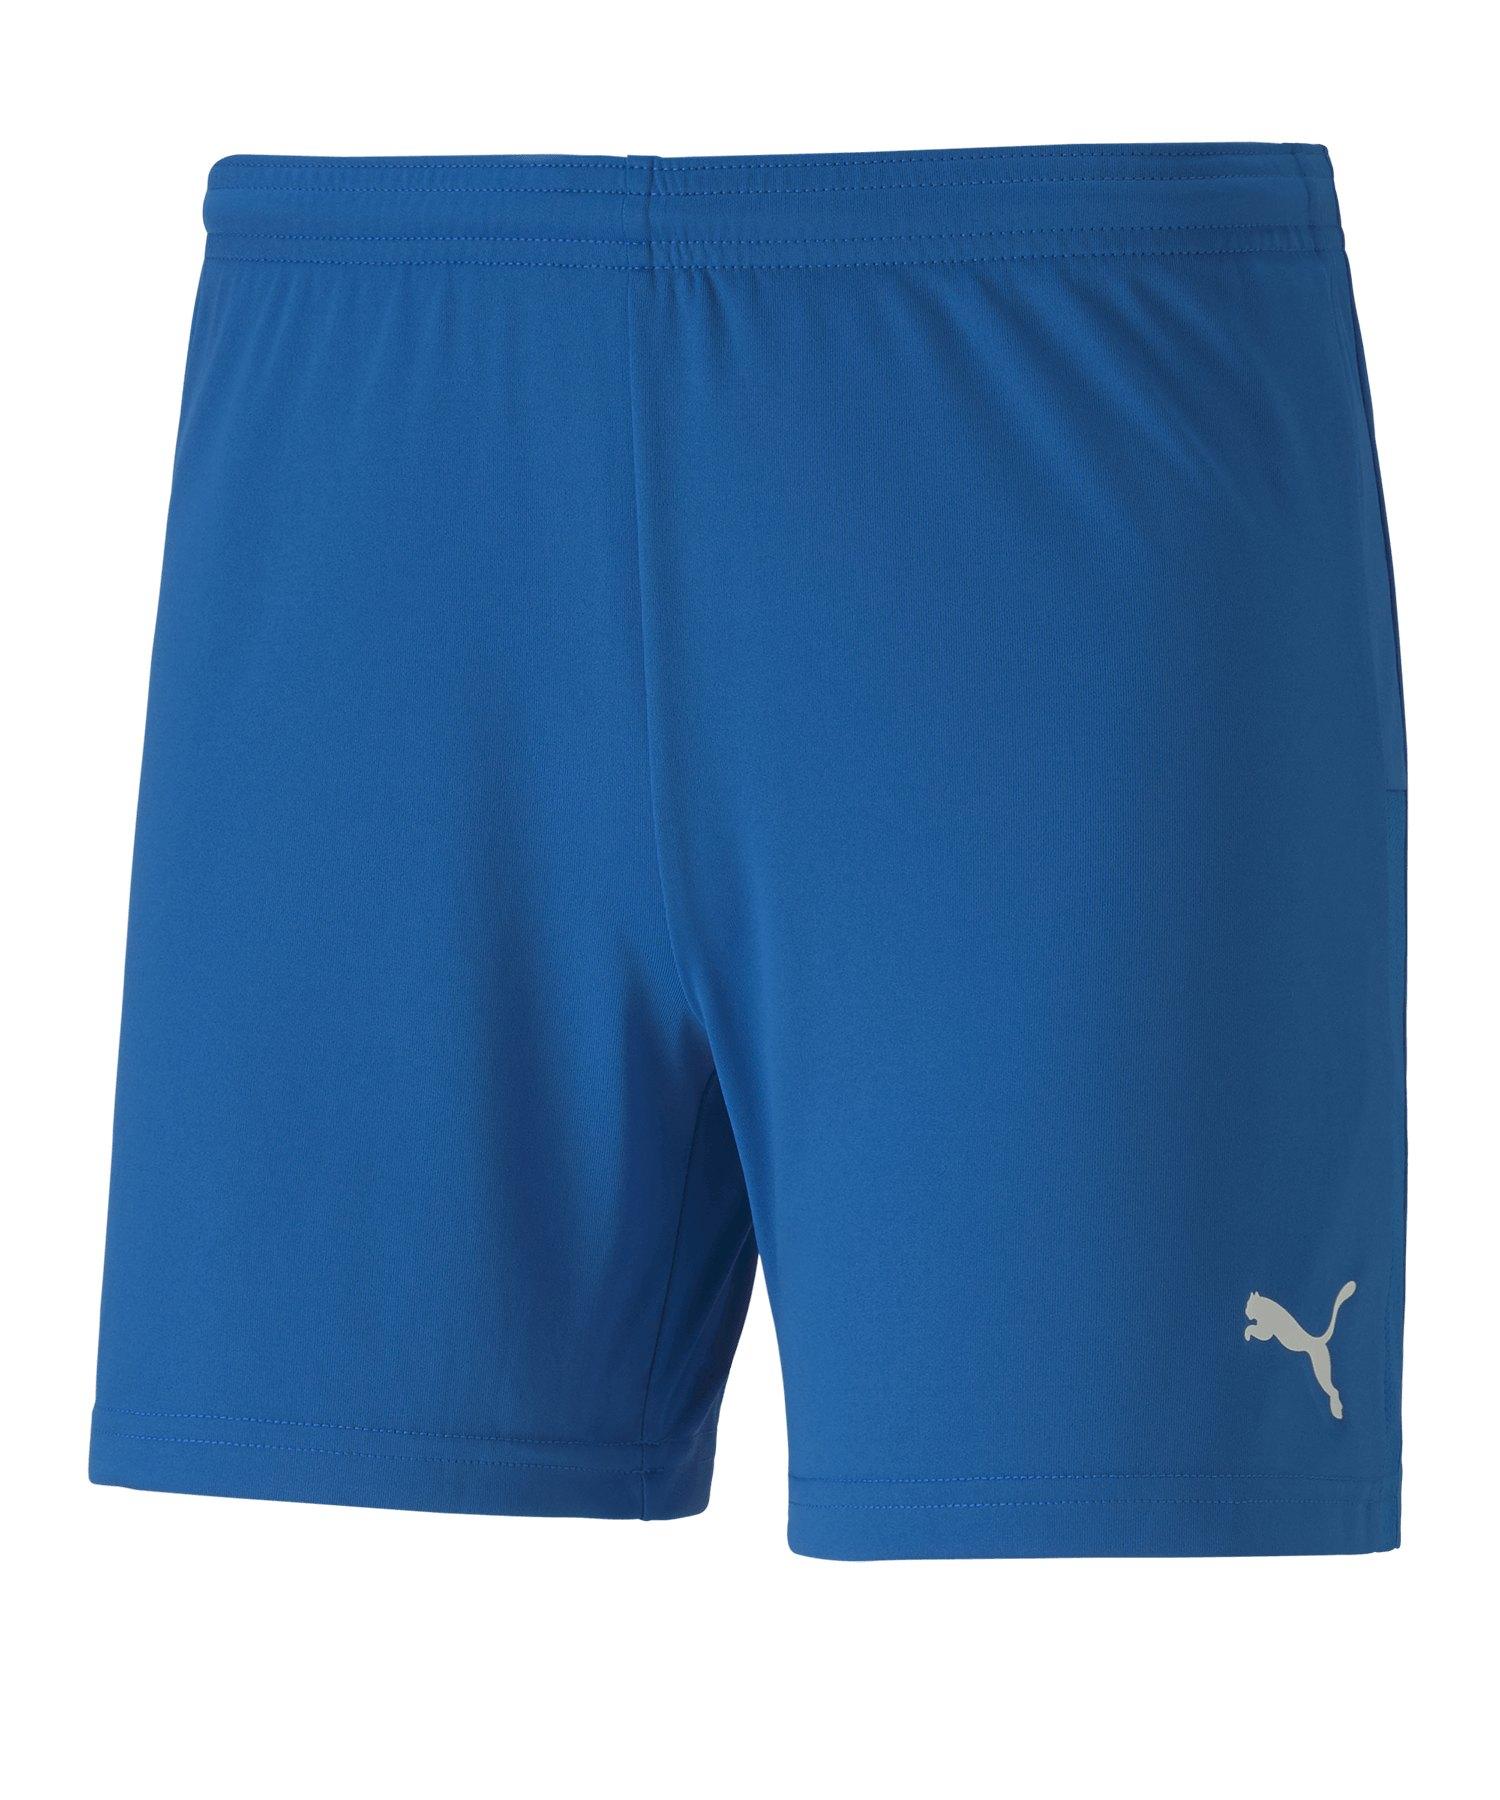 PUMA teamGOAL 23 Knit Shorts Damen Blau F02 - blau